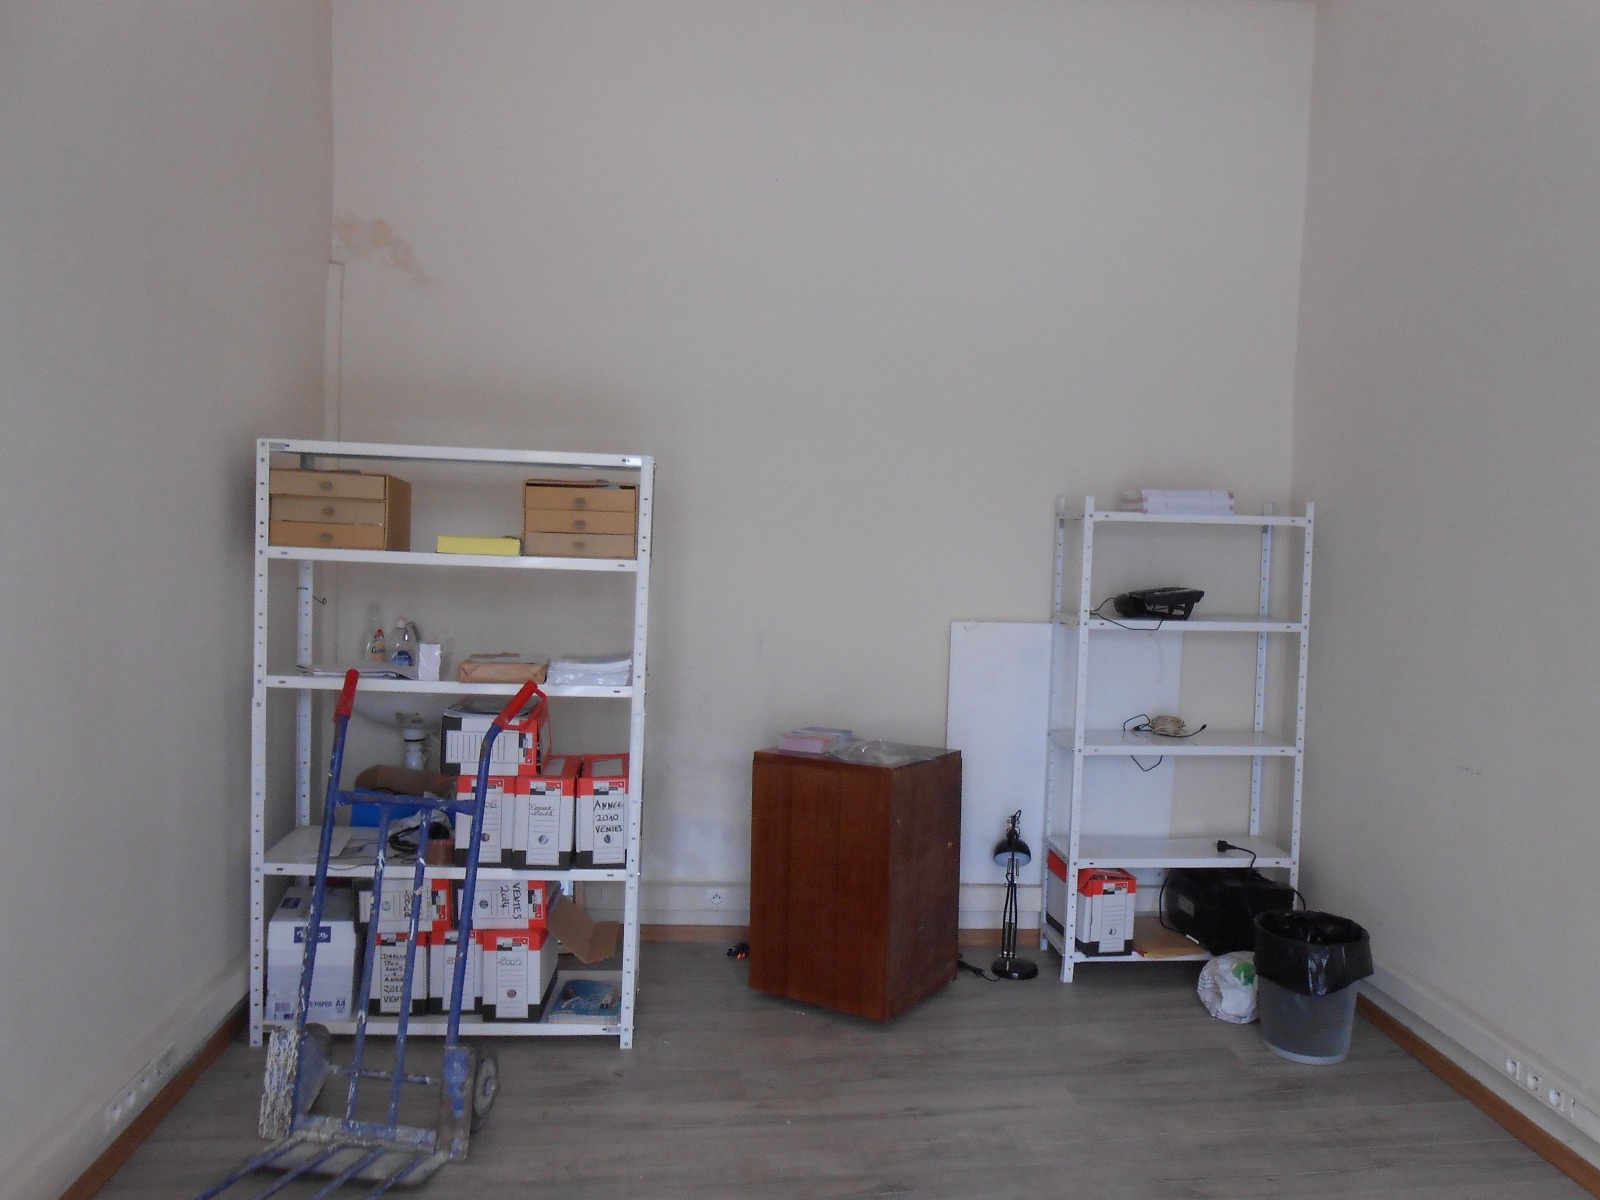 vente commerce magasin 18 m nice centre ville. Black Bedroom Furniture Sets. Home Design Ideas